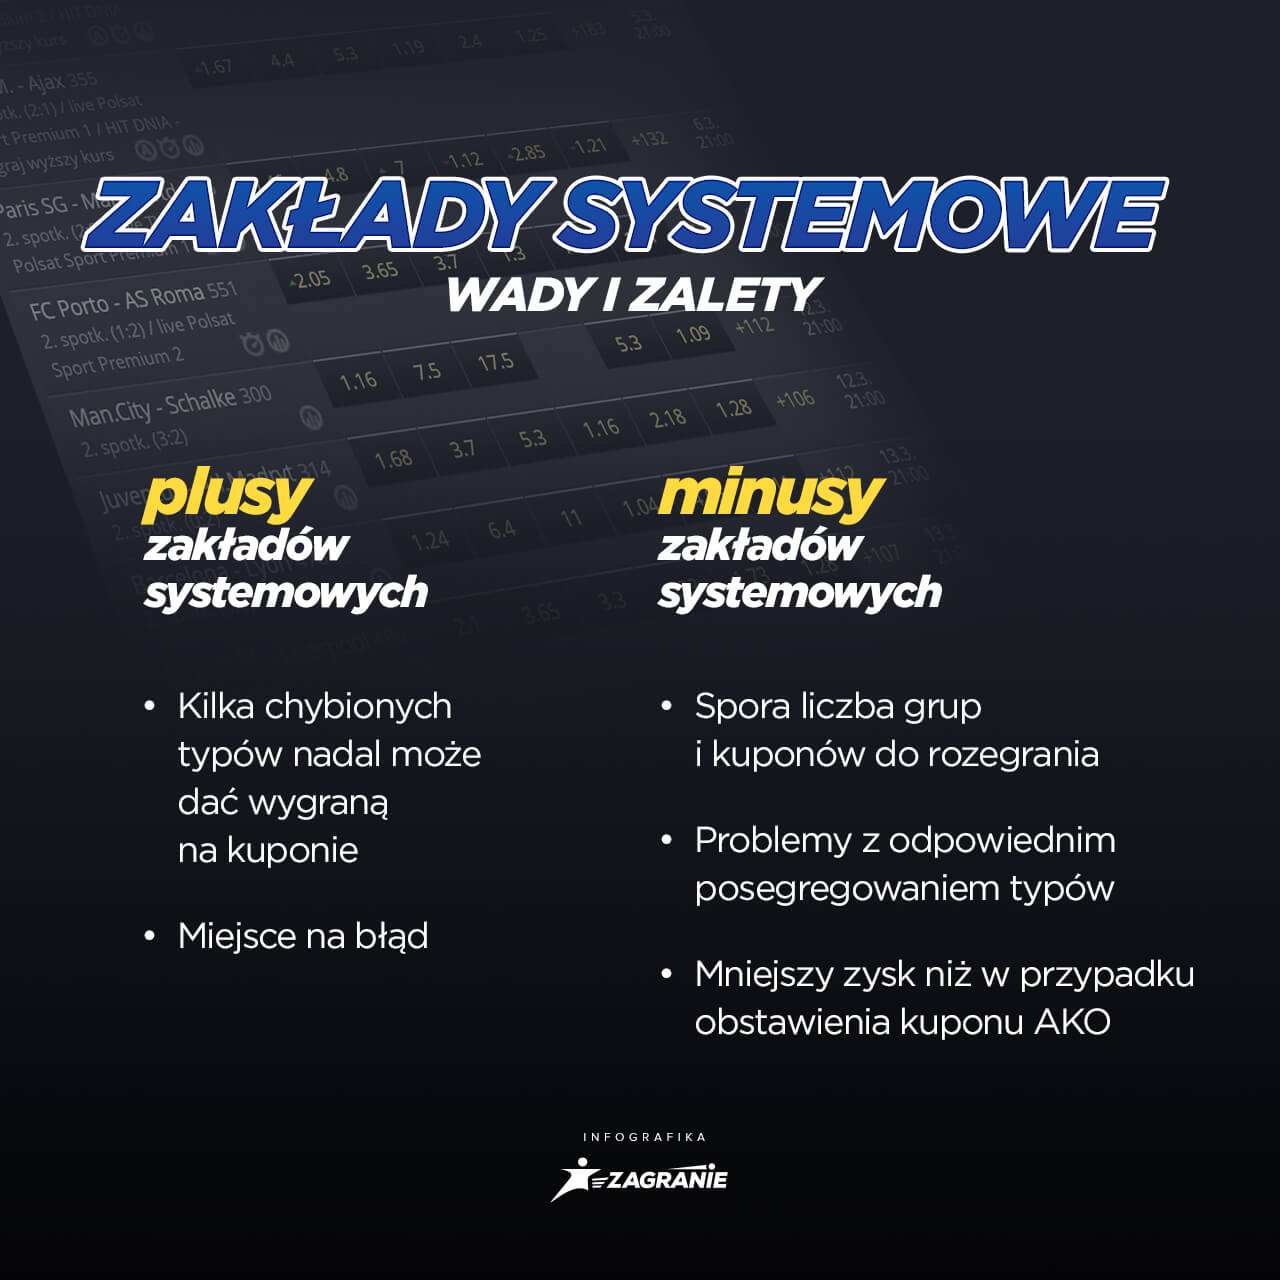 zakłady systemowe